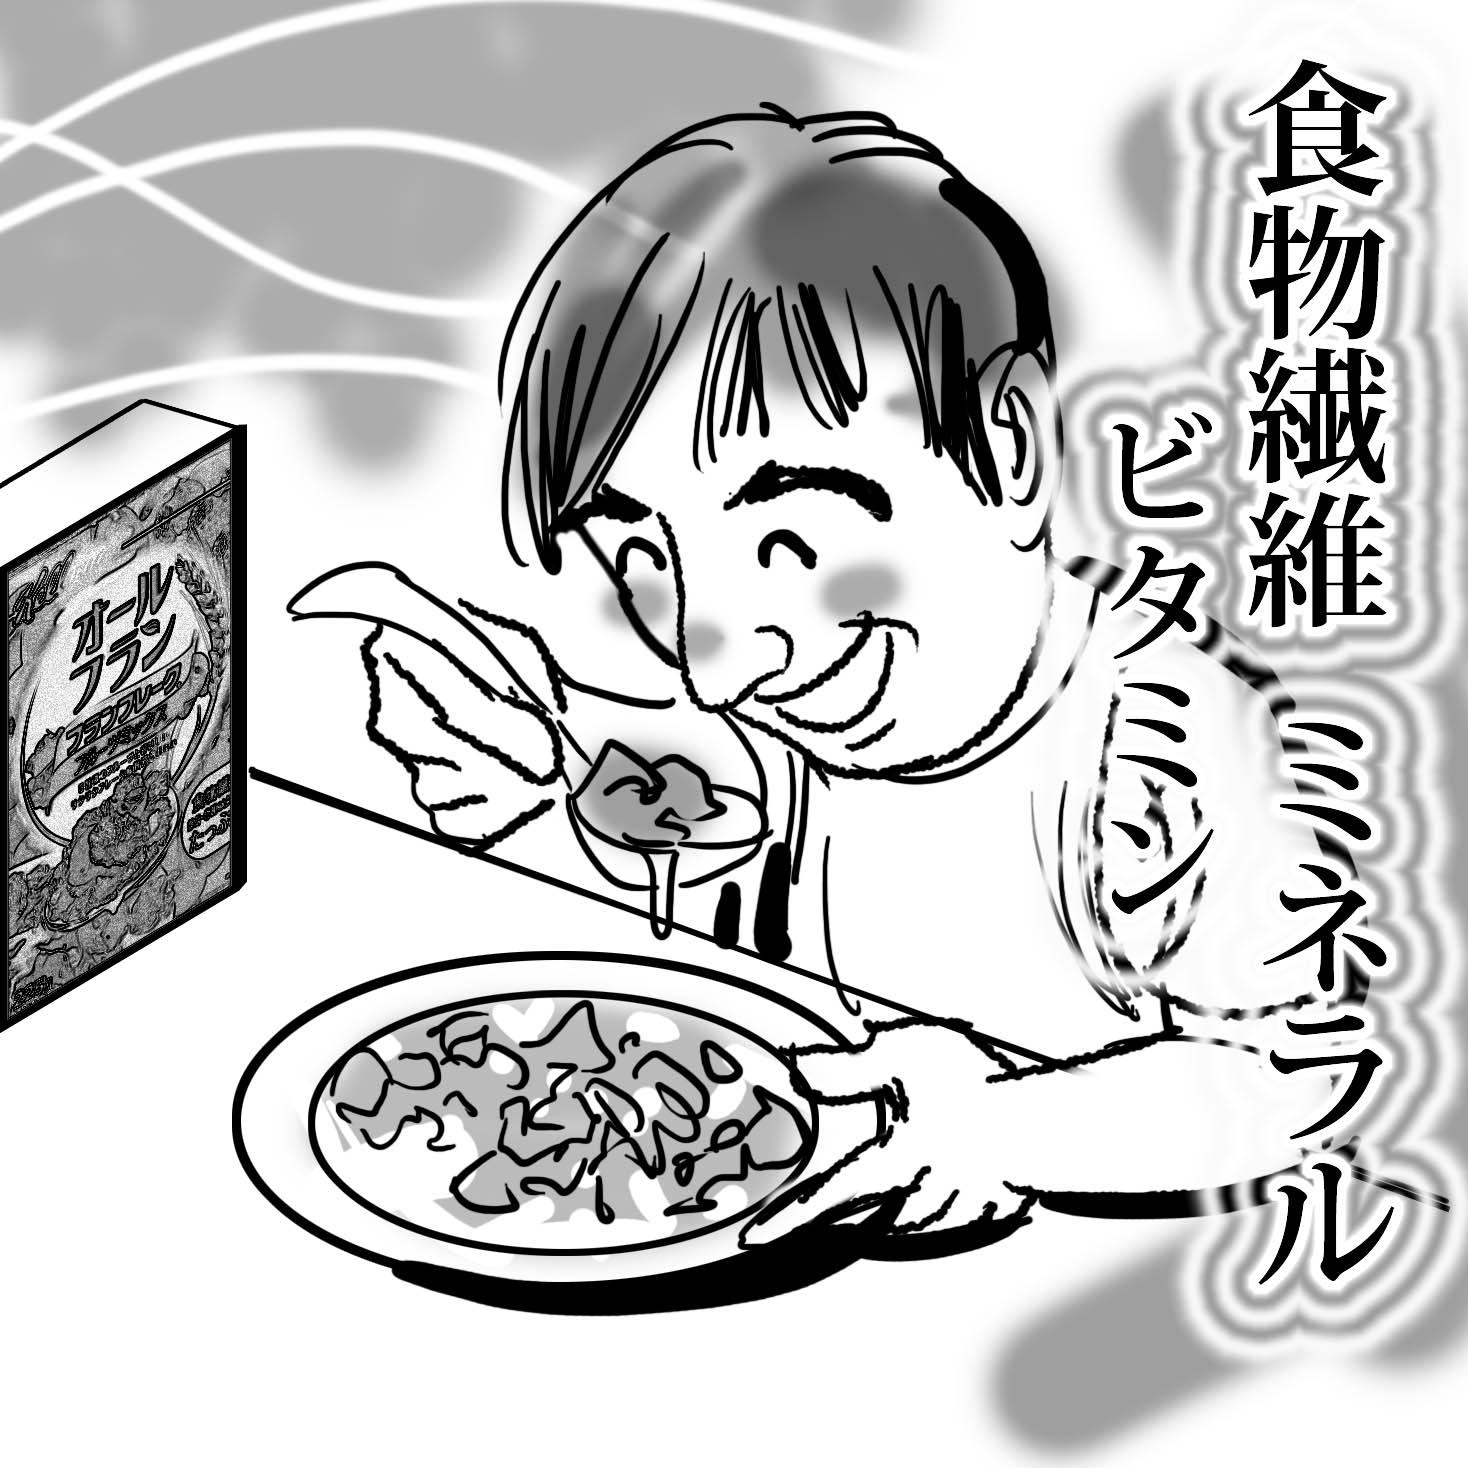 20140131_専門医_シリアル食品